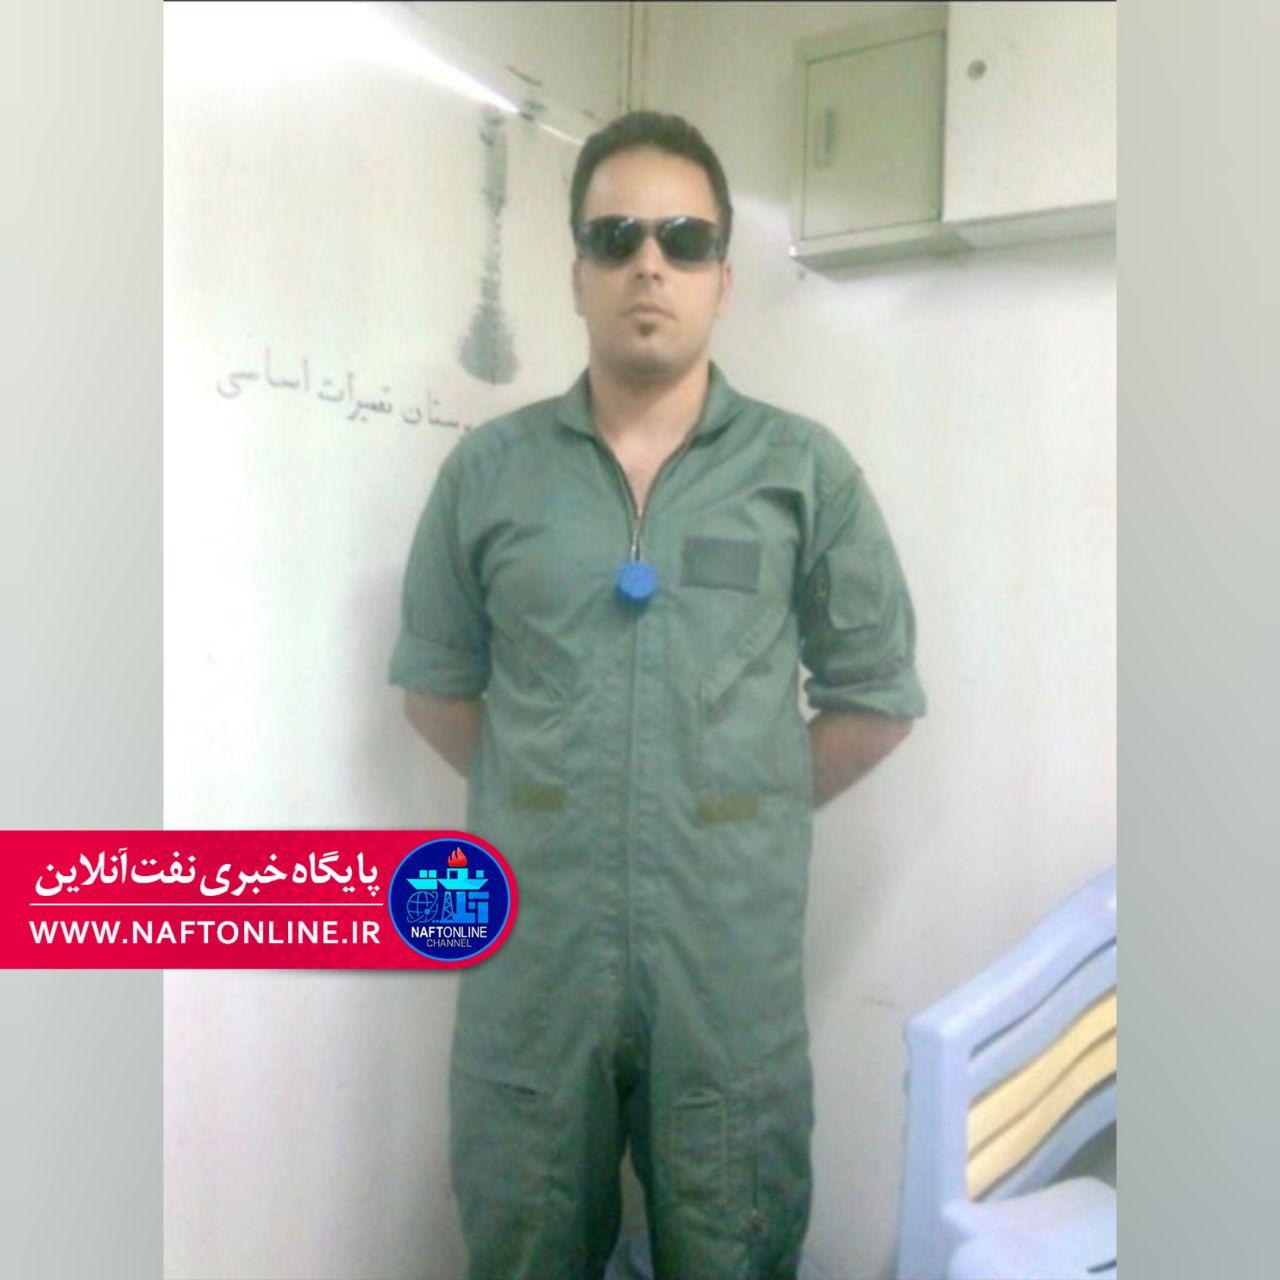 شهید علی حسینی کاهکش | نفت آنلاین